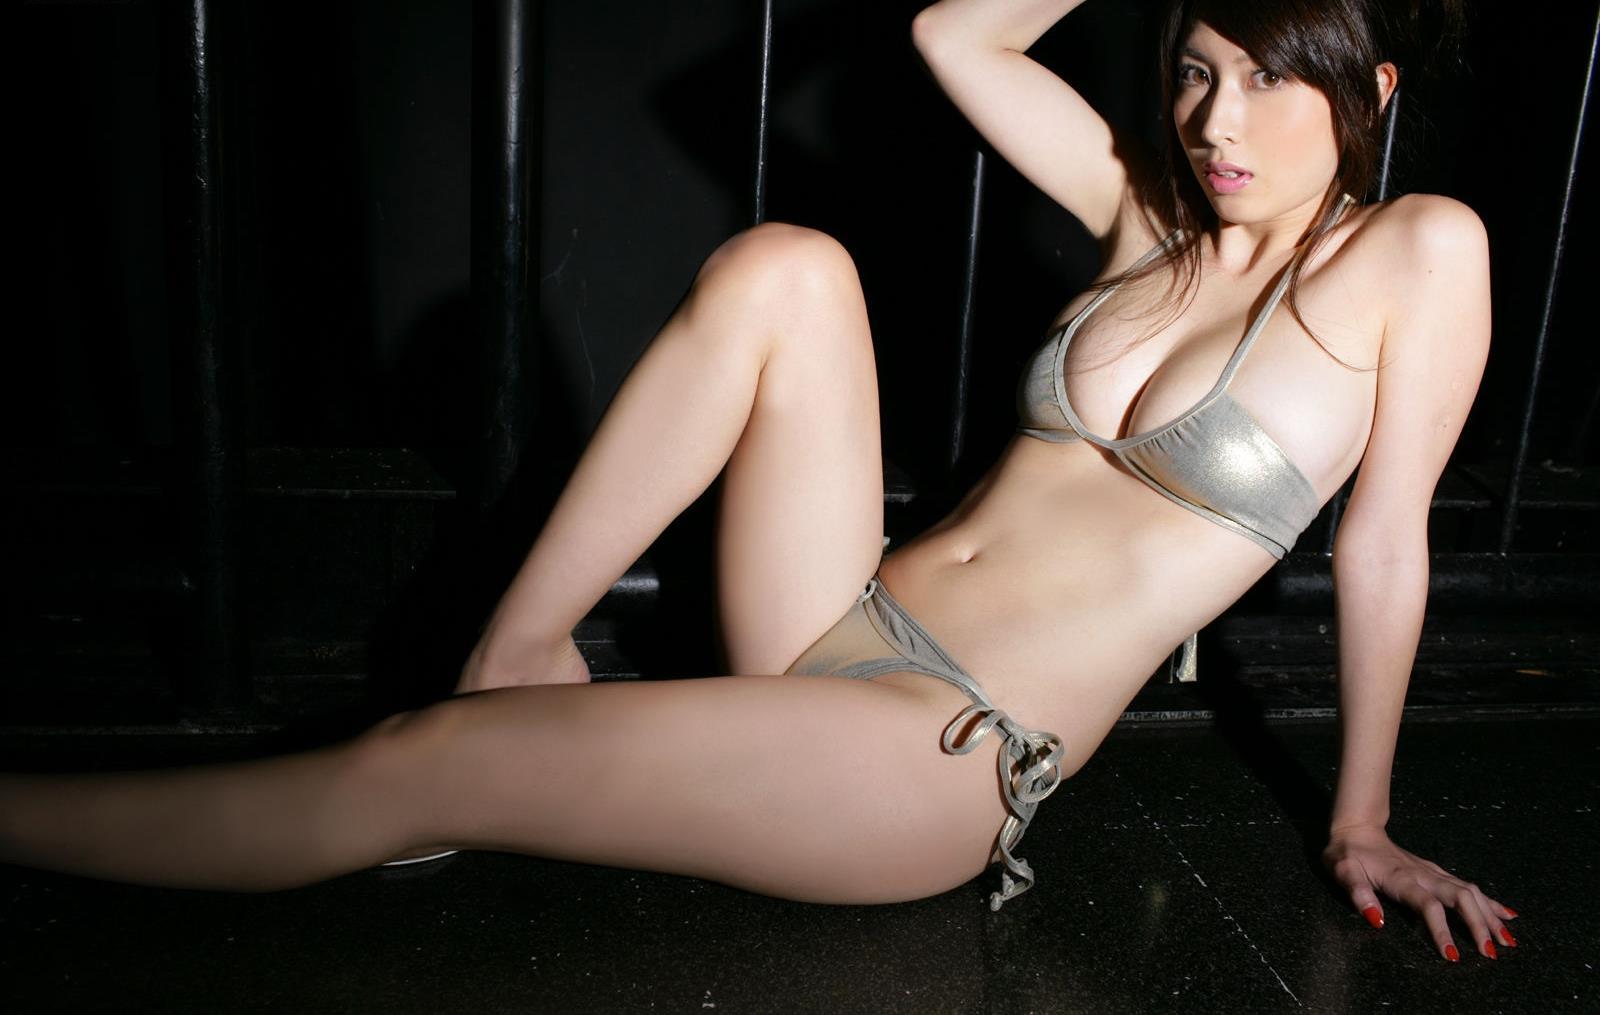 小林恵美 画像 31